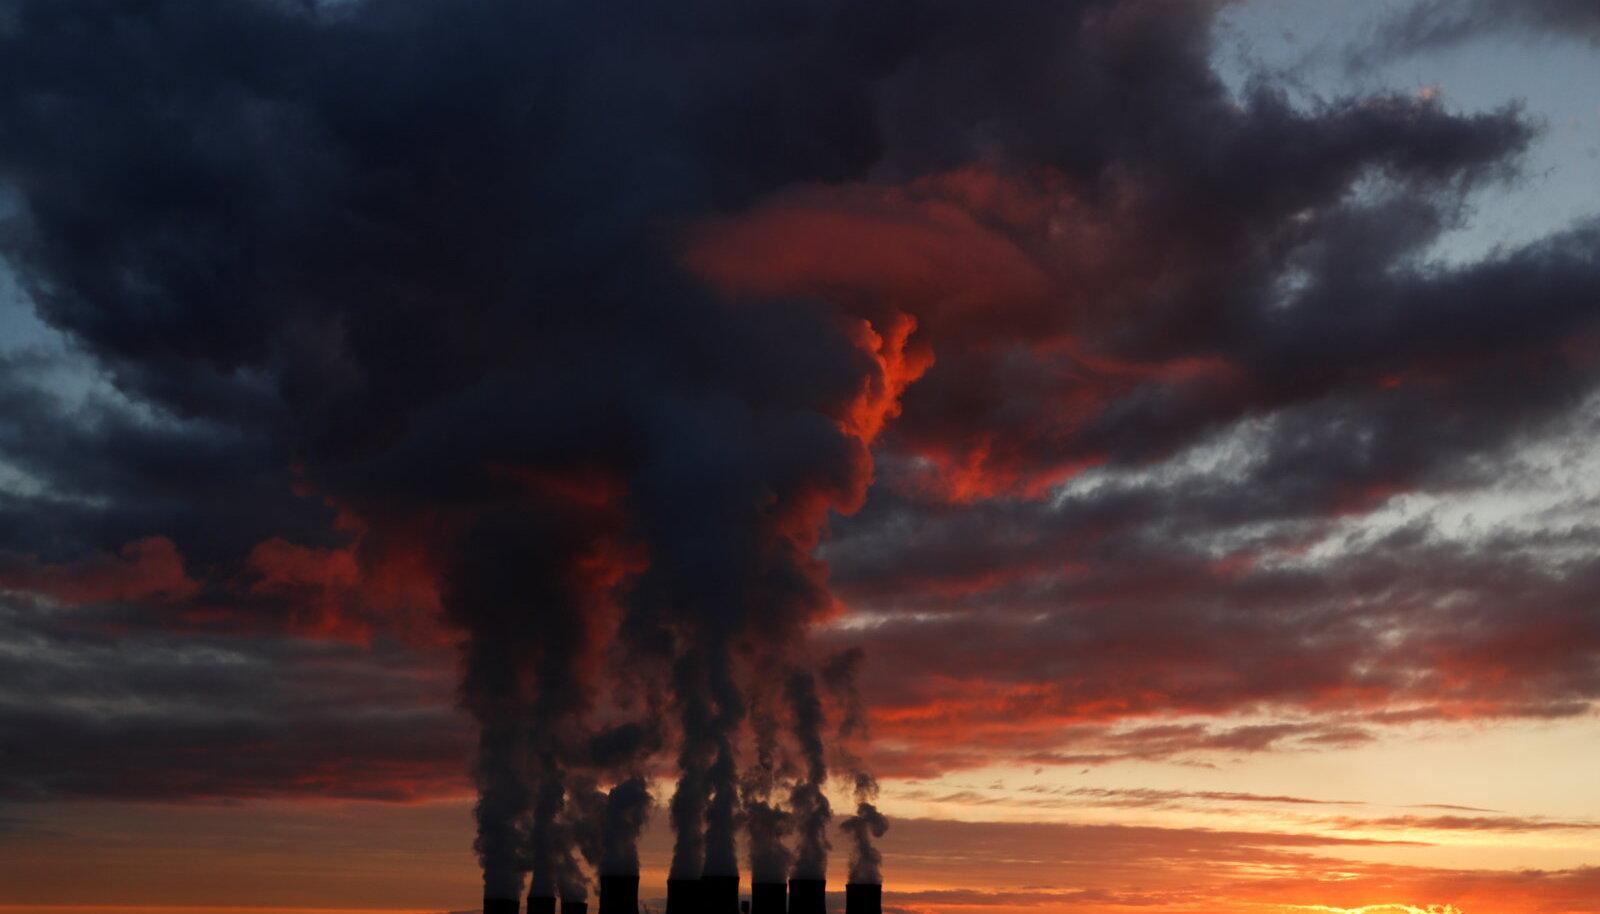 Башни электростанций, Дракс, Северный Йоркшир, Англия. 27.11.2020